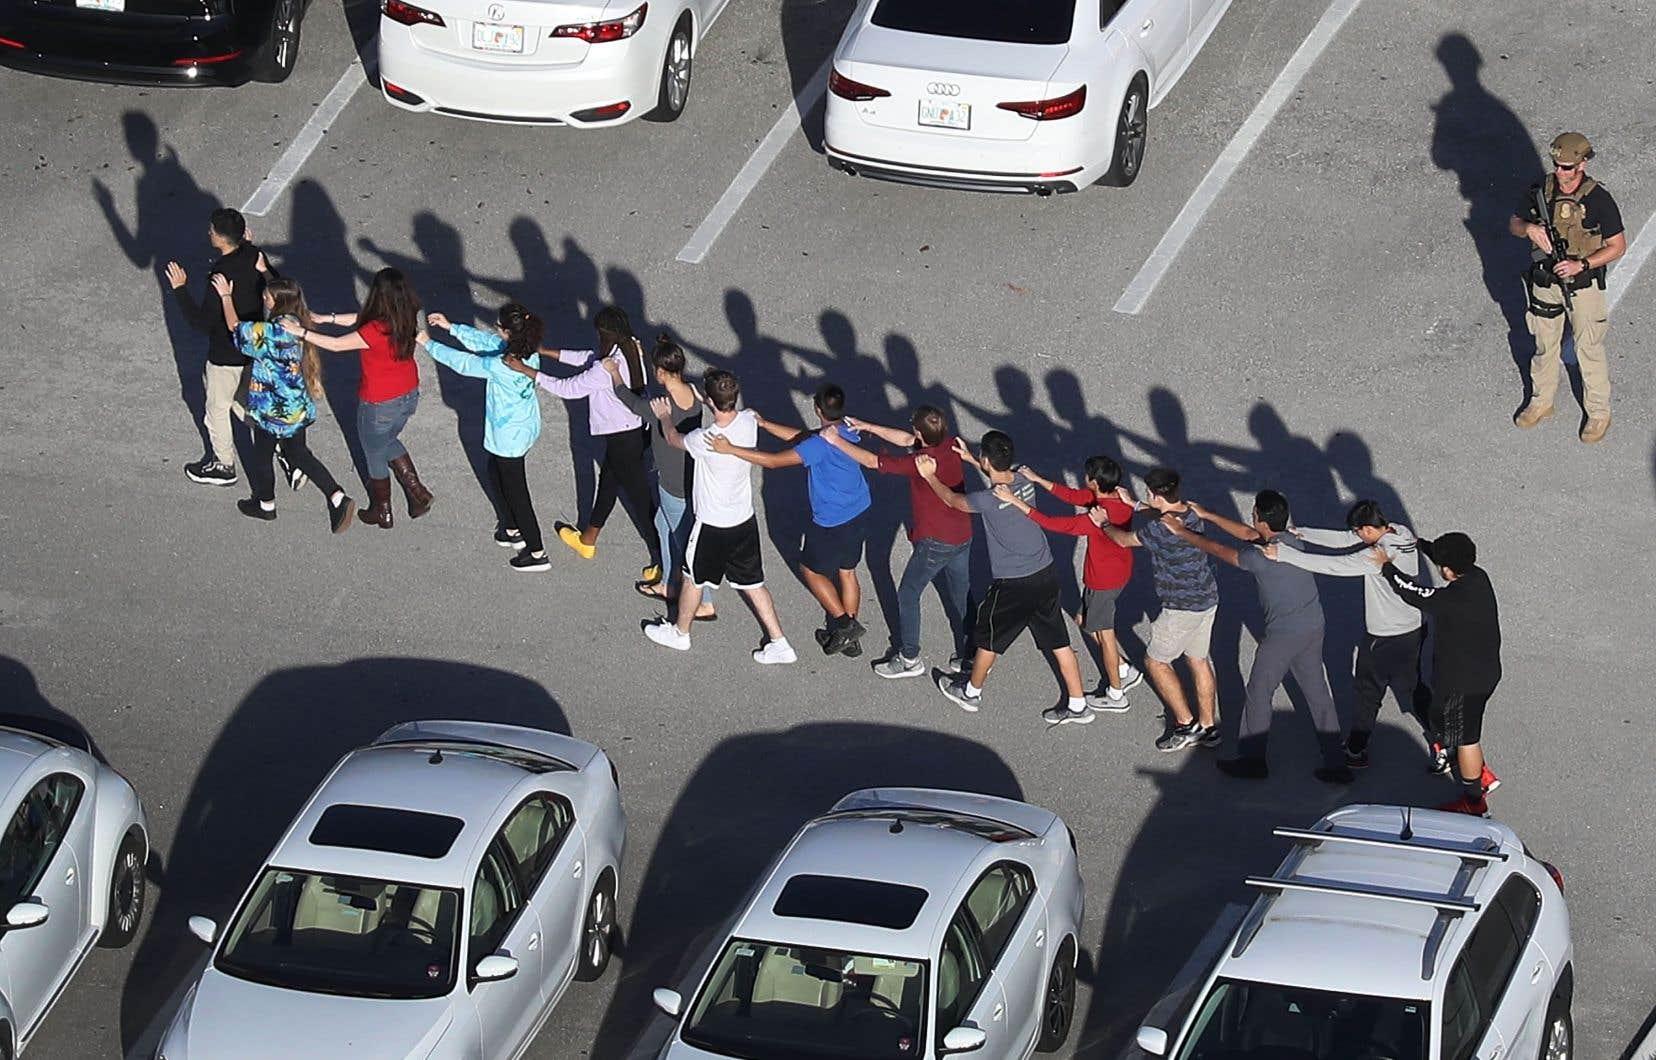 Au cours de la fusillade du 14février dernier, Nikolas Cruz a tué 17 personnes avec un fusil d'assaut AR-15 dans le lycée Marjory Stoneman Douglas, son ancien établissement.